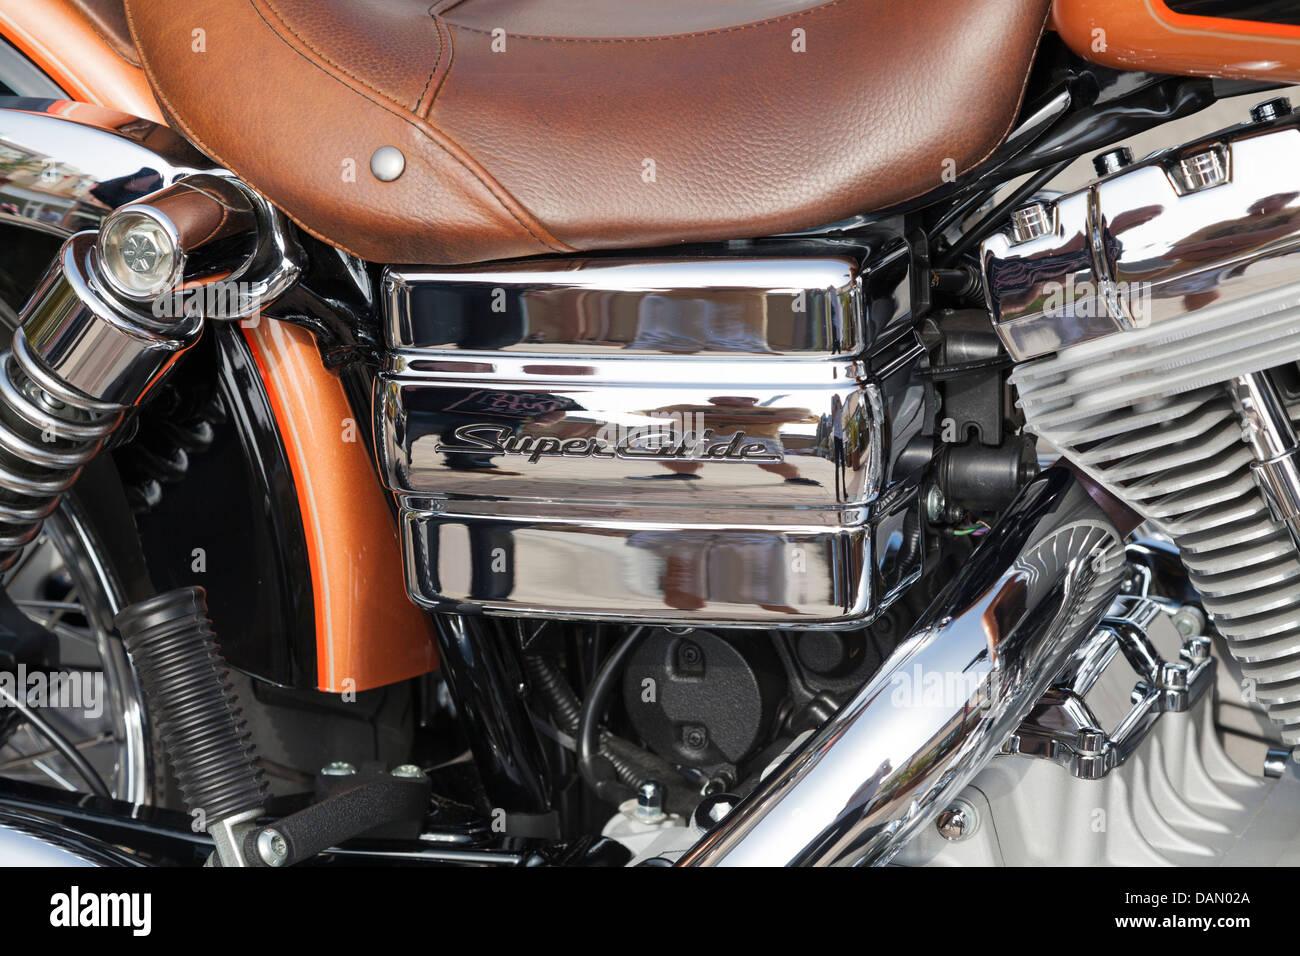 Harley Davidson super glide chromed engine close up - Stock Image